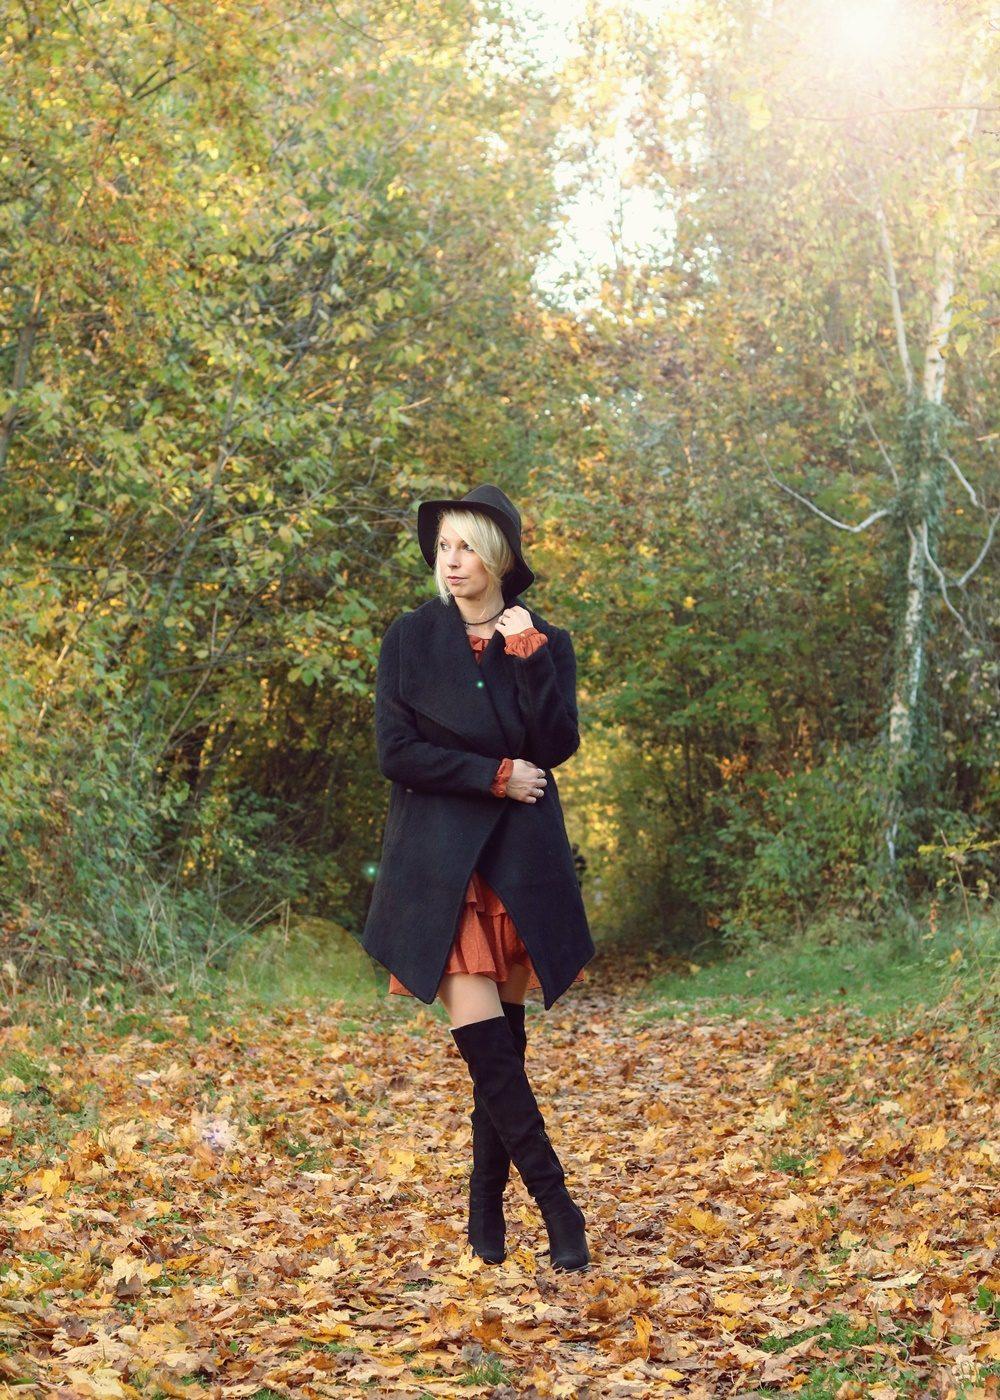 modeblogger-karlsruhe-outfit-herbst-kleid-vero-moda-rostrot-schwarzer-mantel-overknees-1-von-27